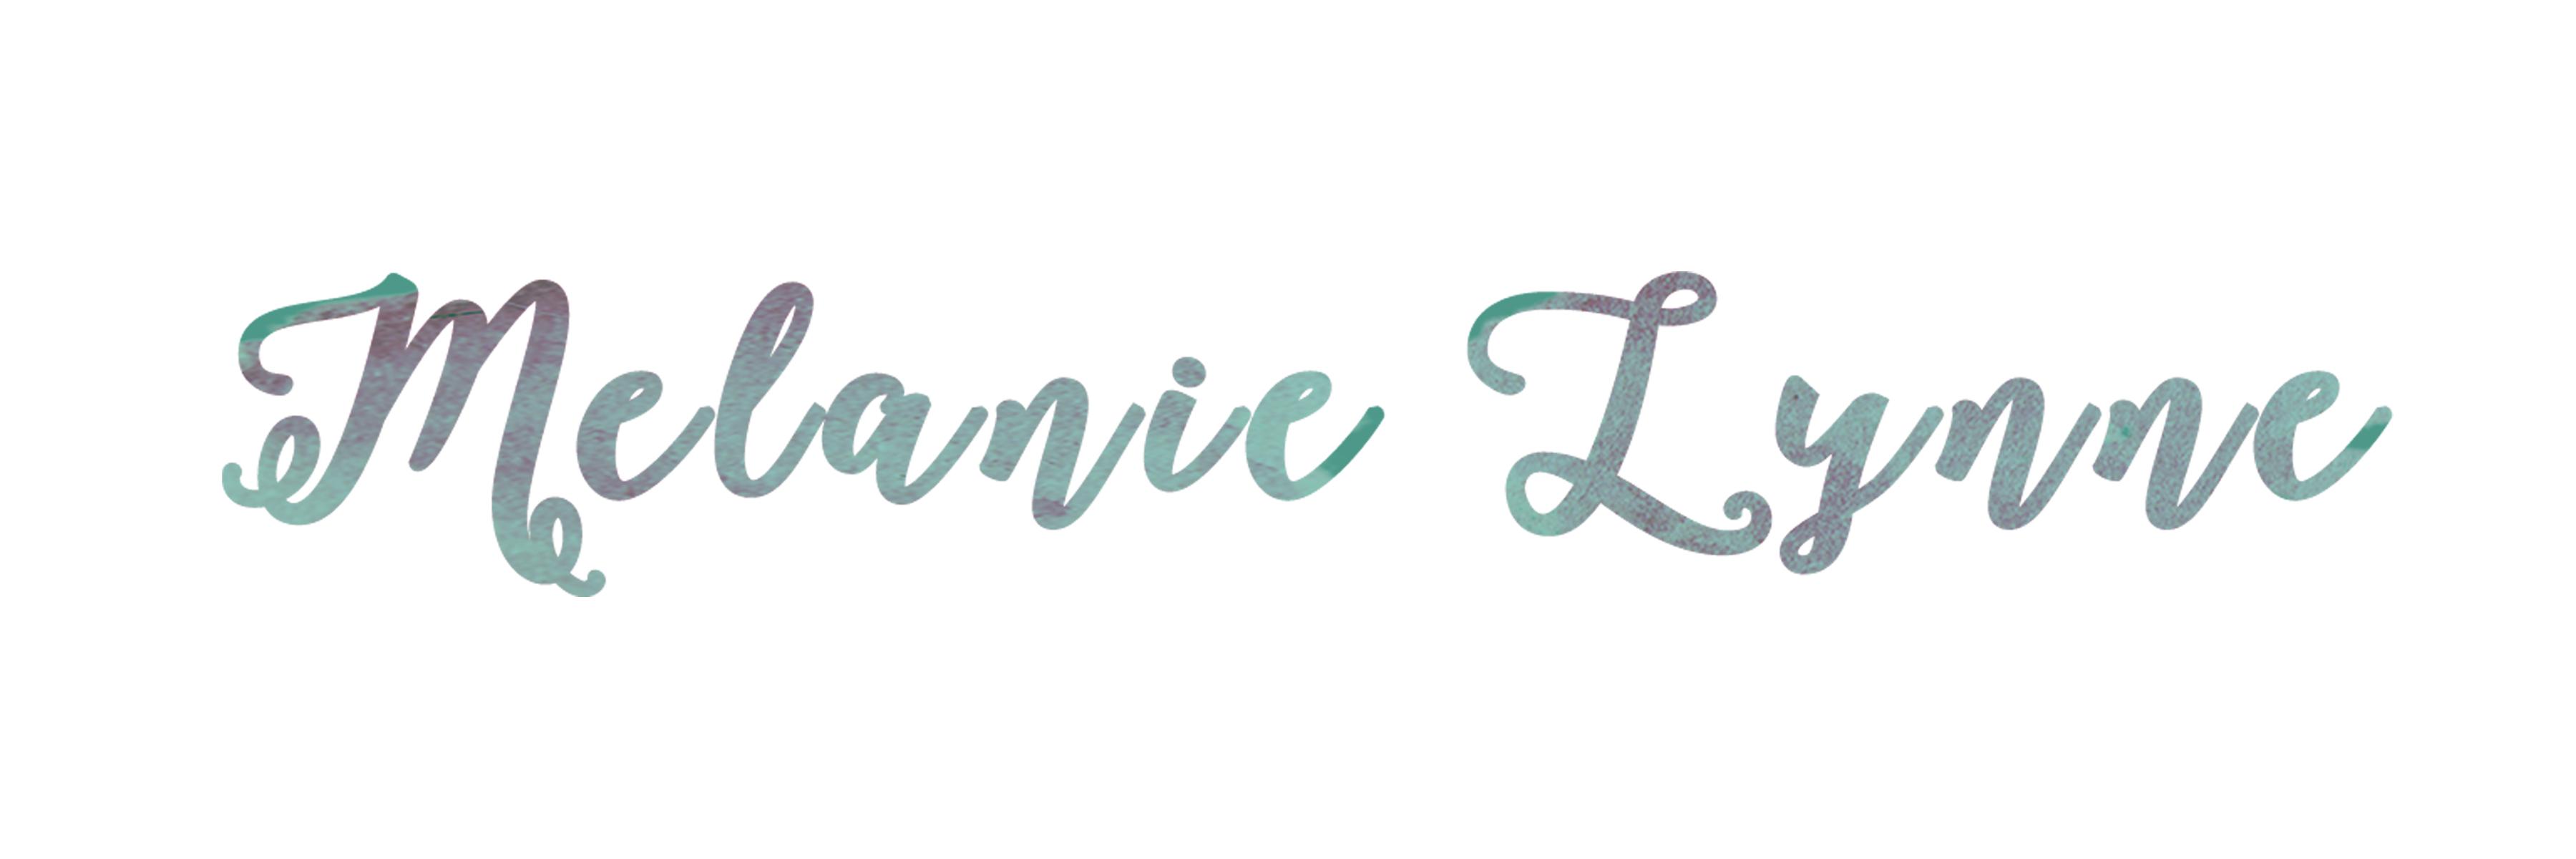 Melanie Allard's Signature